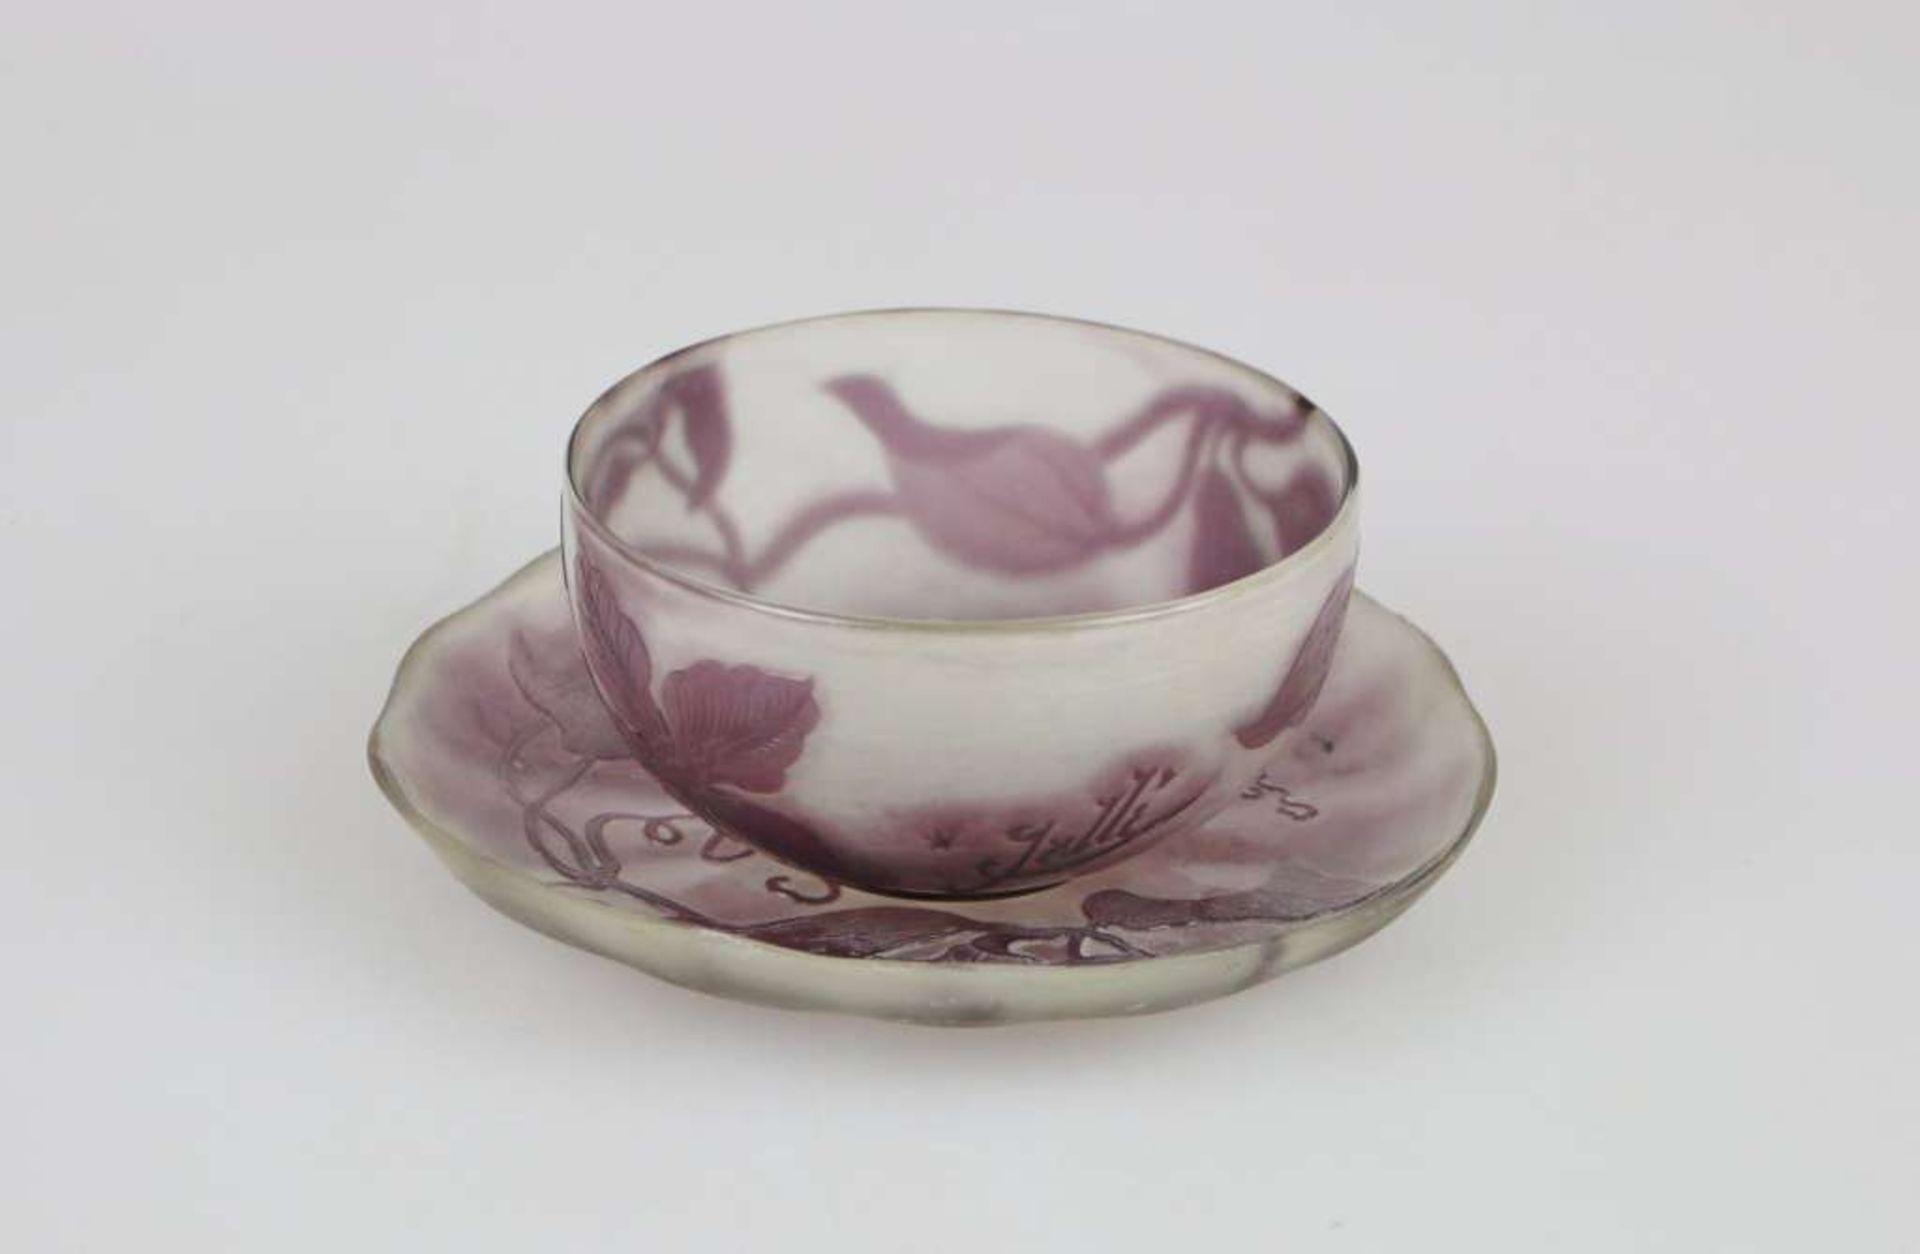 Gallé Set: Flache Schale, weißes Glas, violett überfangen, geätzt und poliert, runde Form m